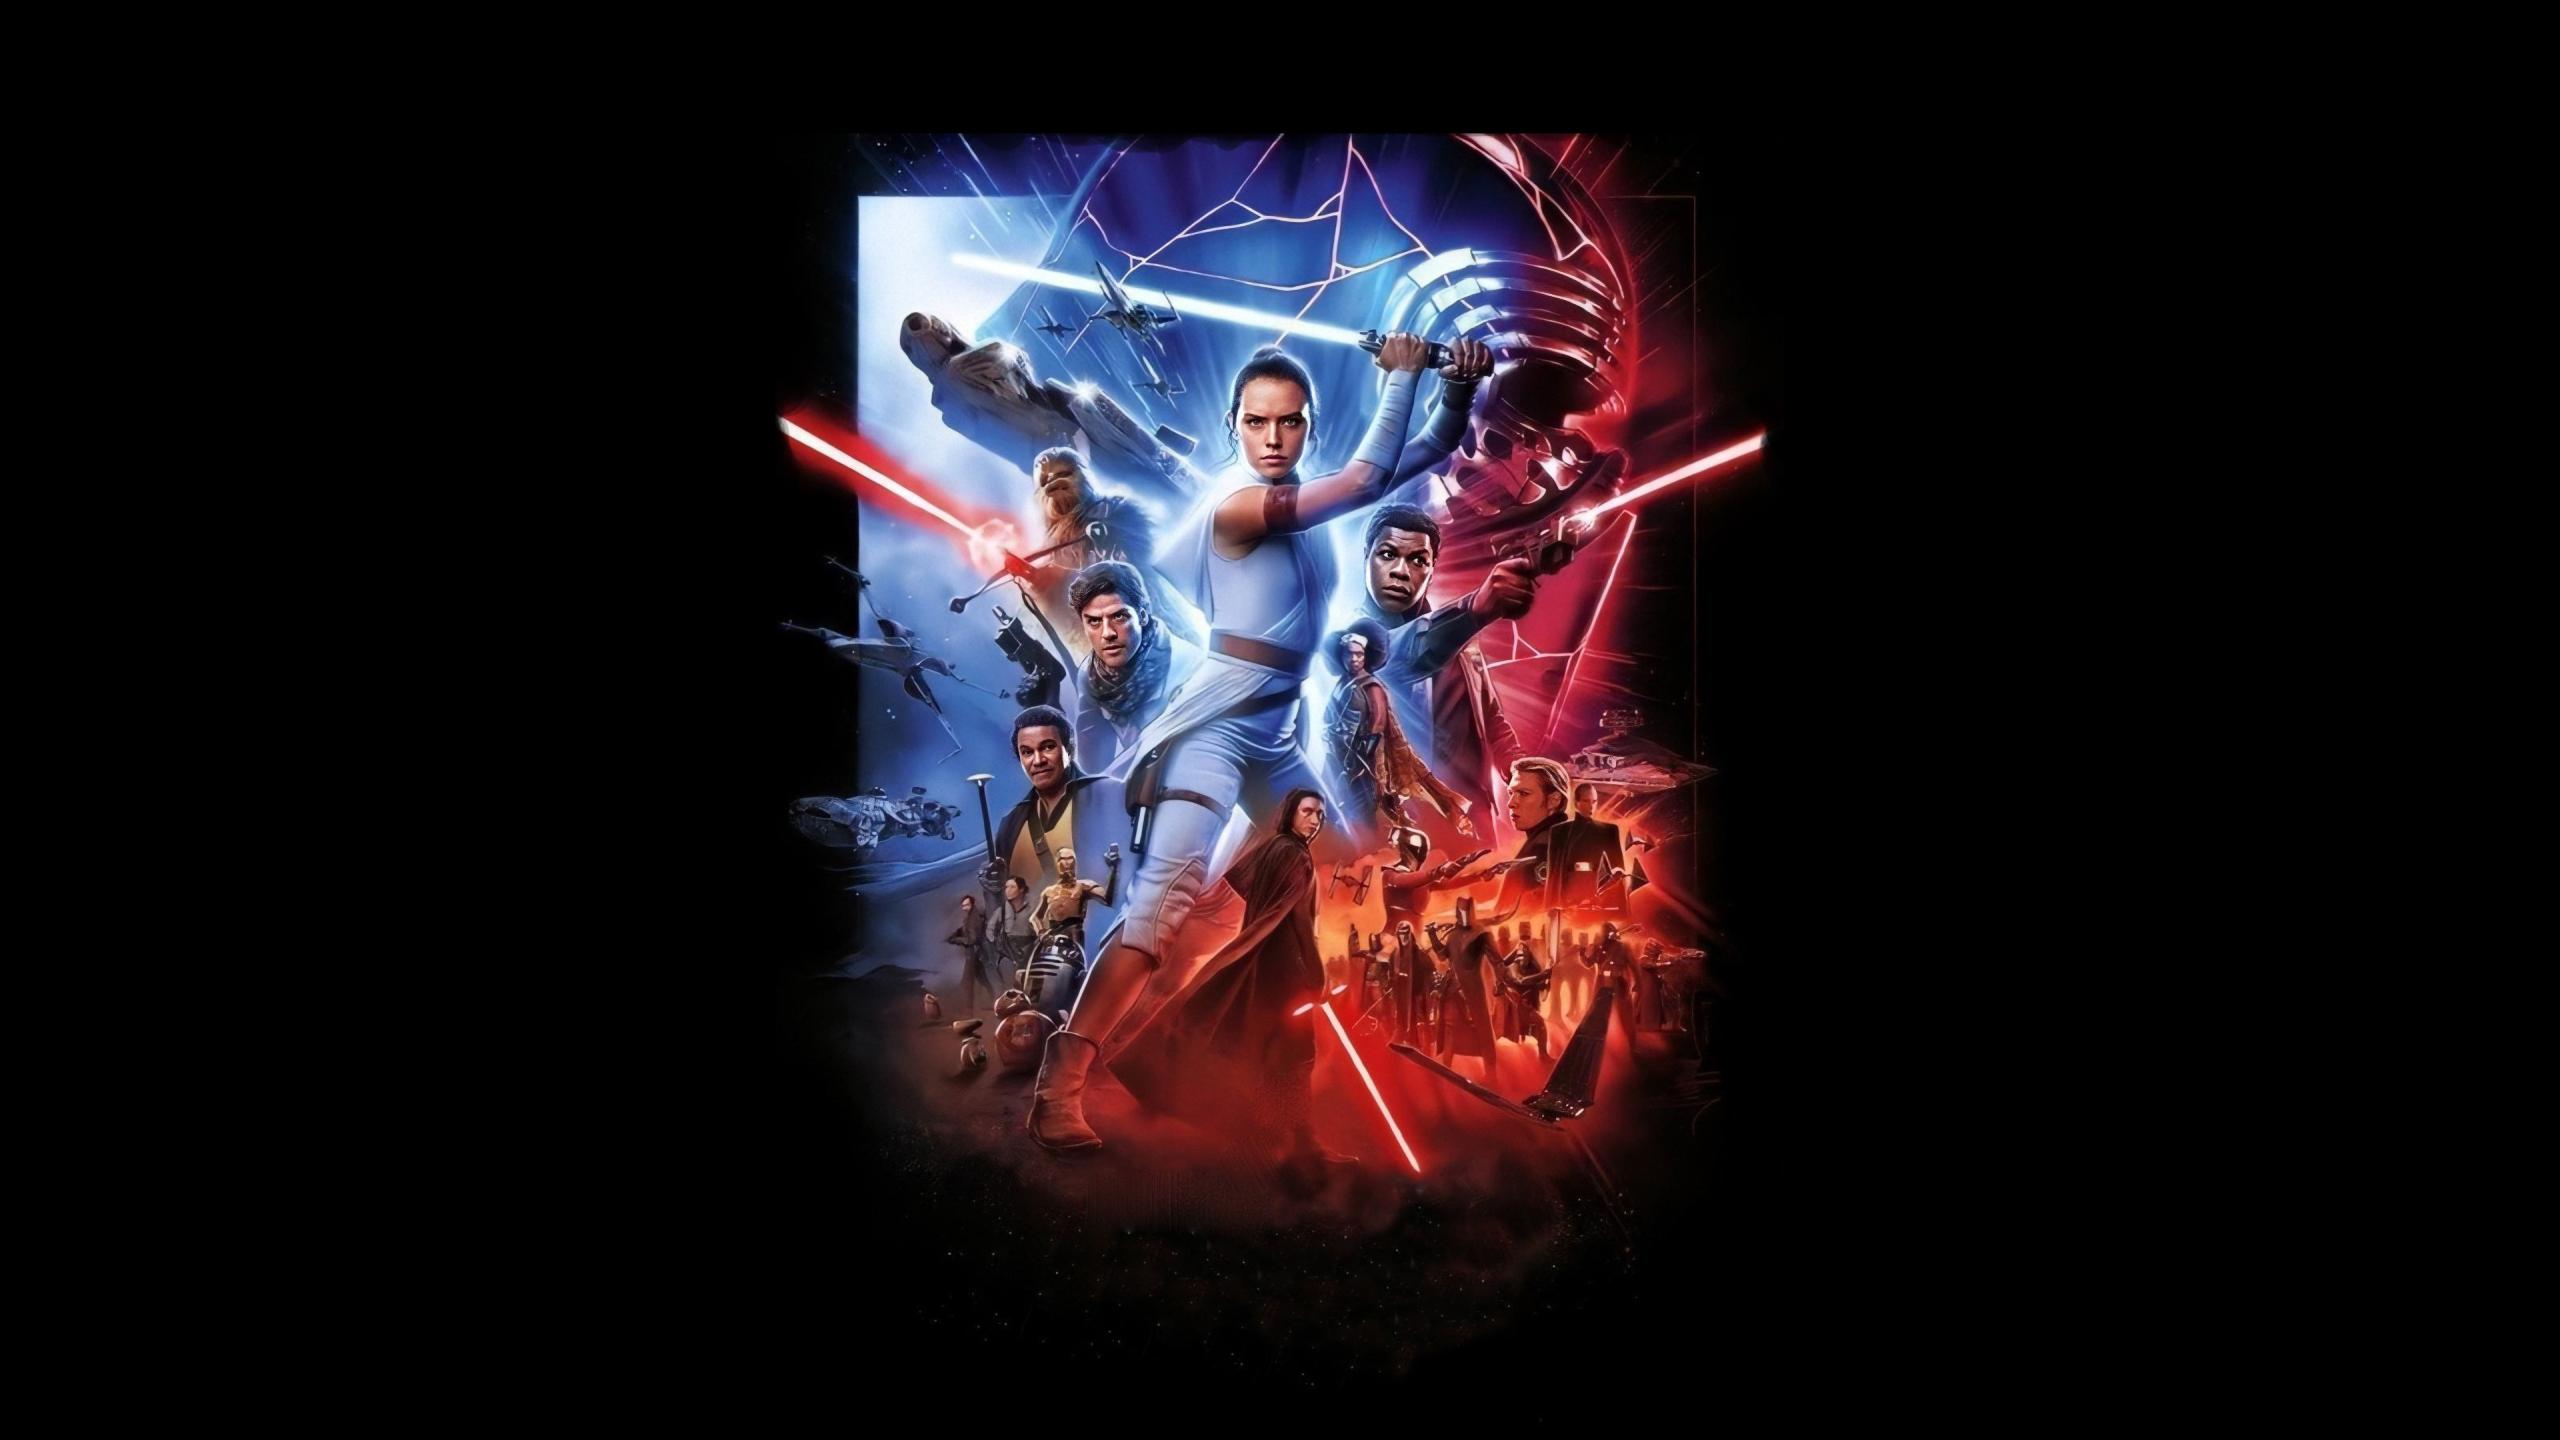 new star wars 9